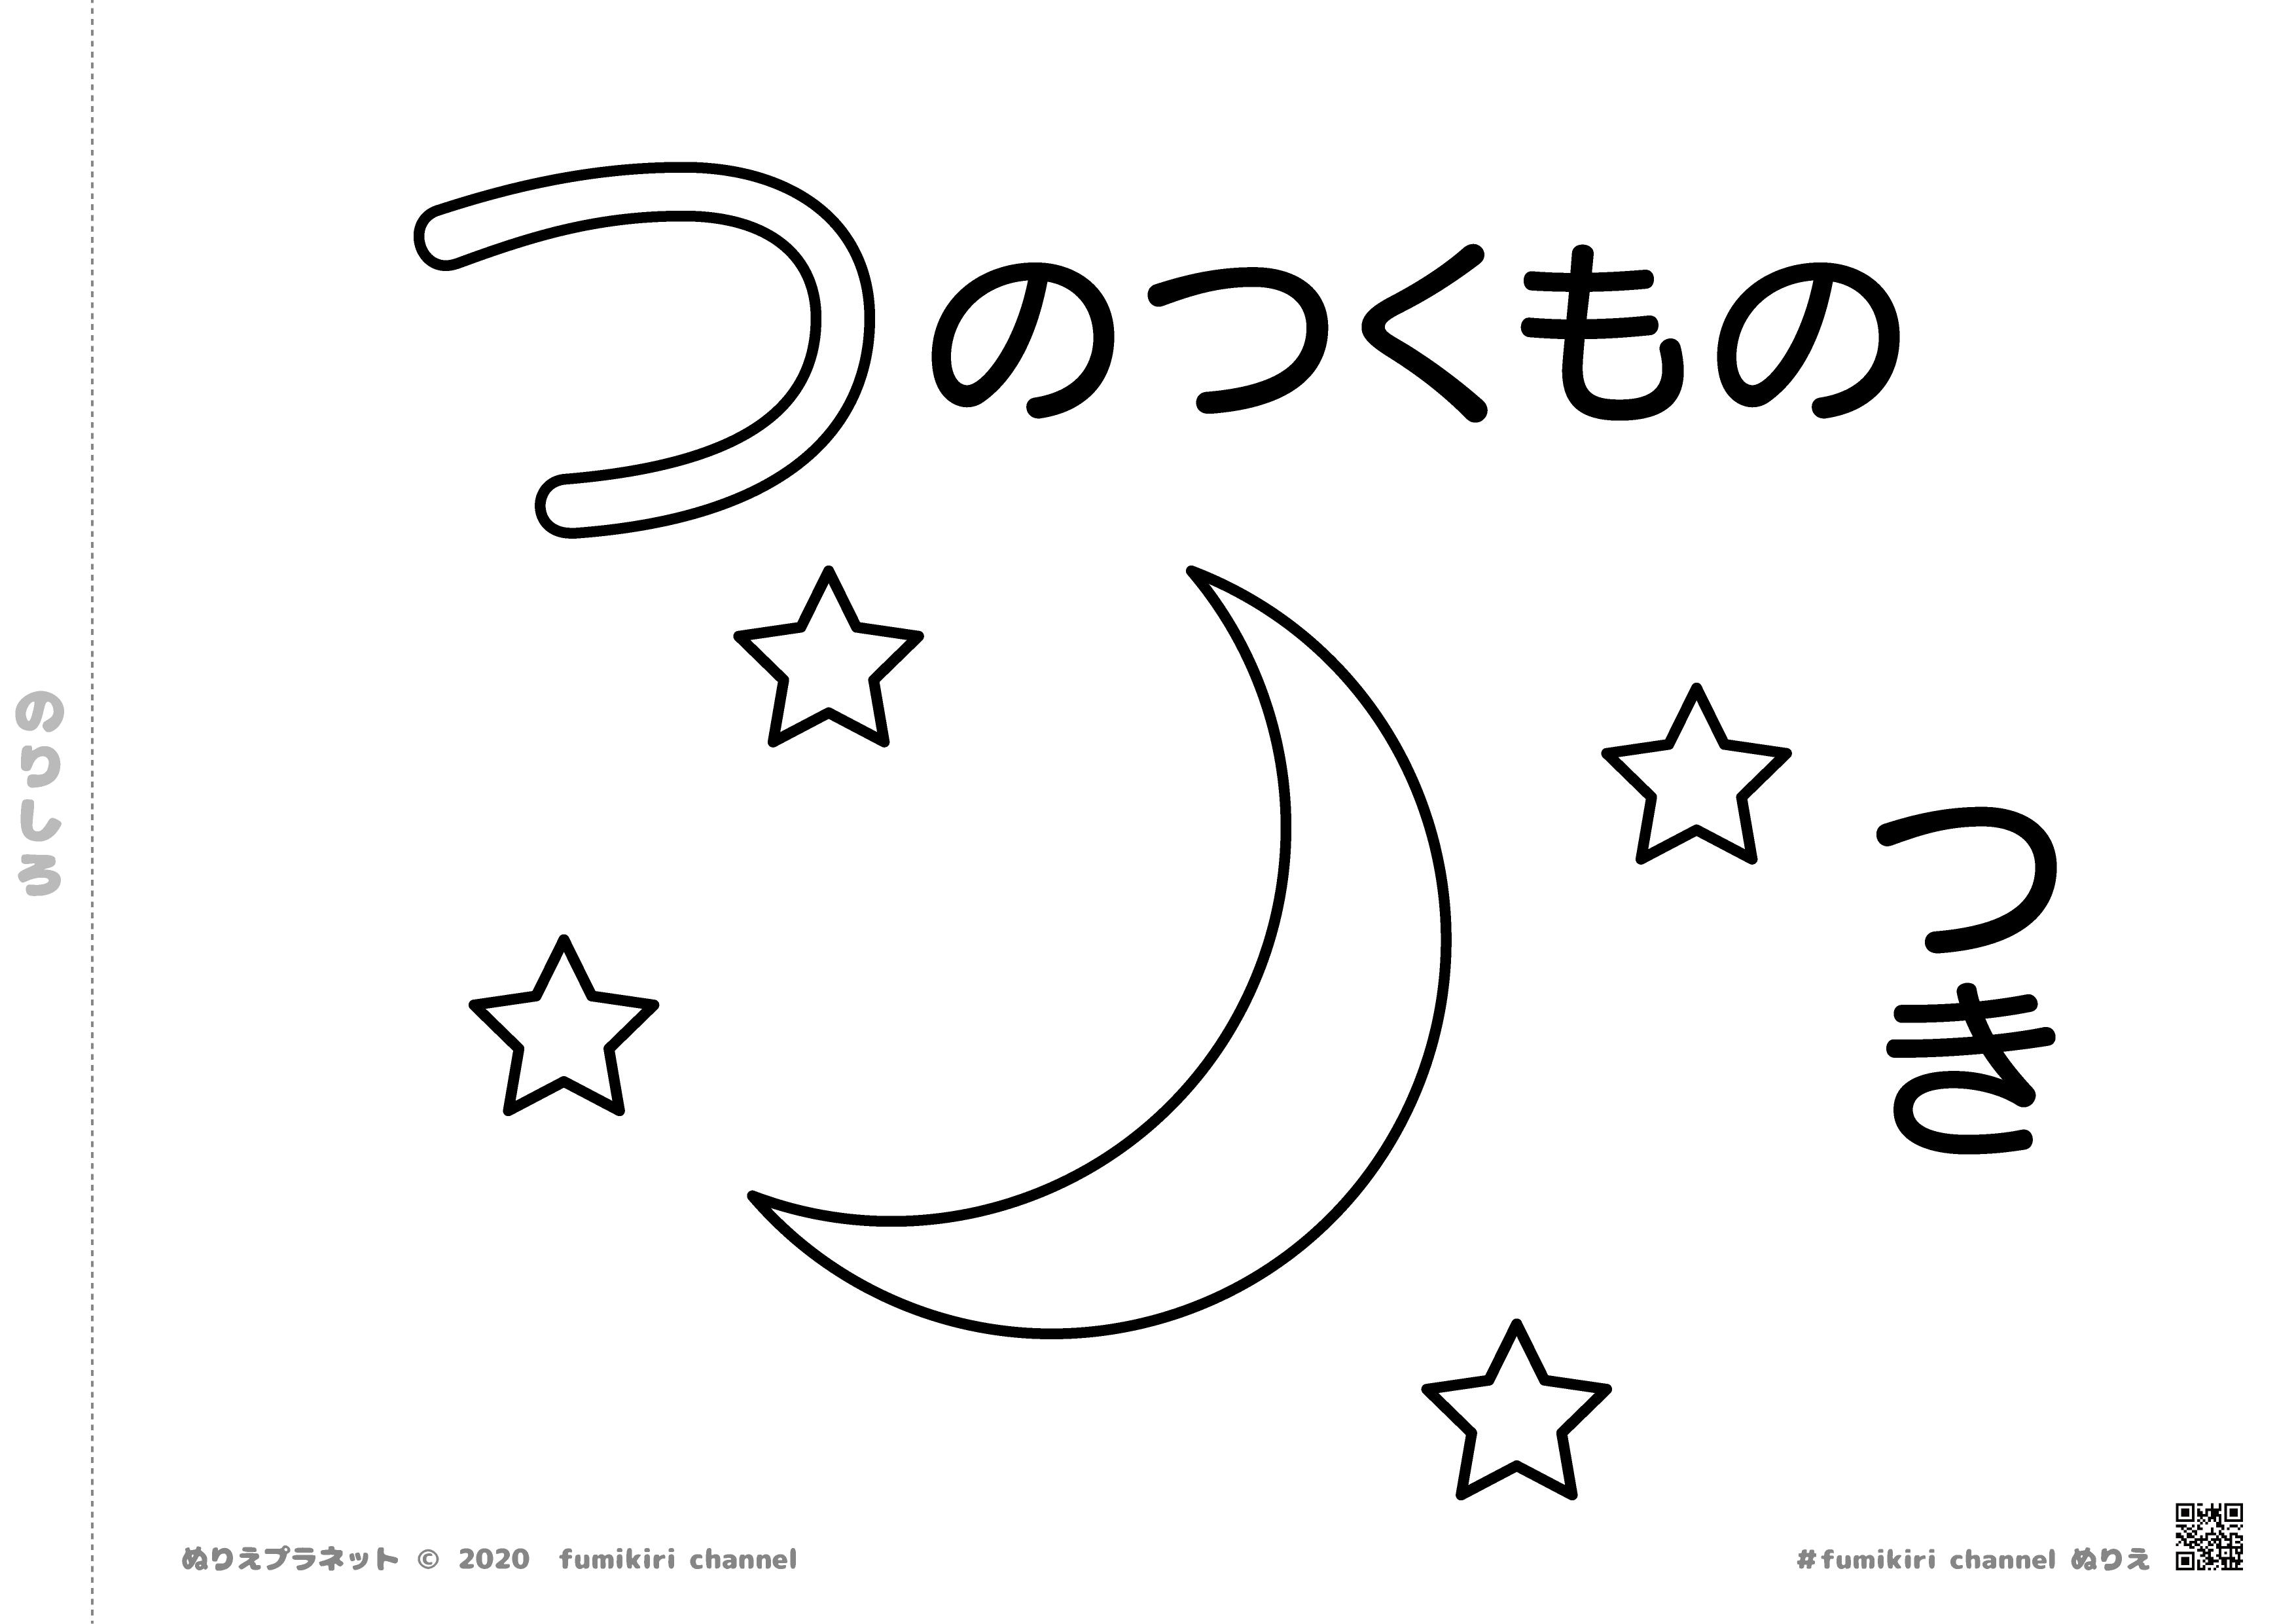 夜の空に輝いている三日月と星たちの塗り絵です。